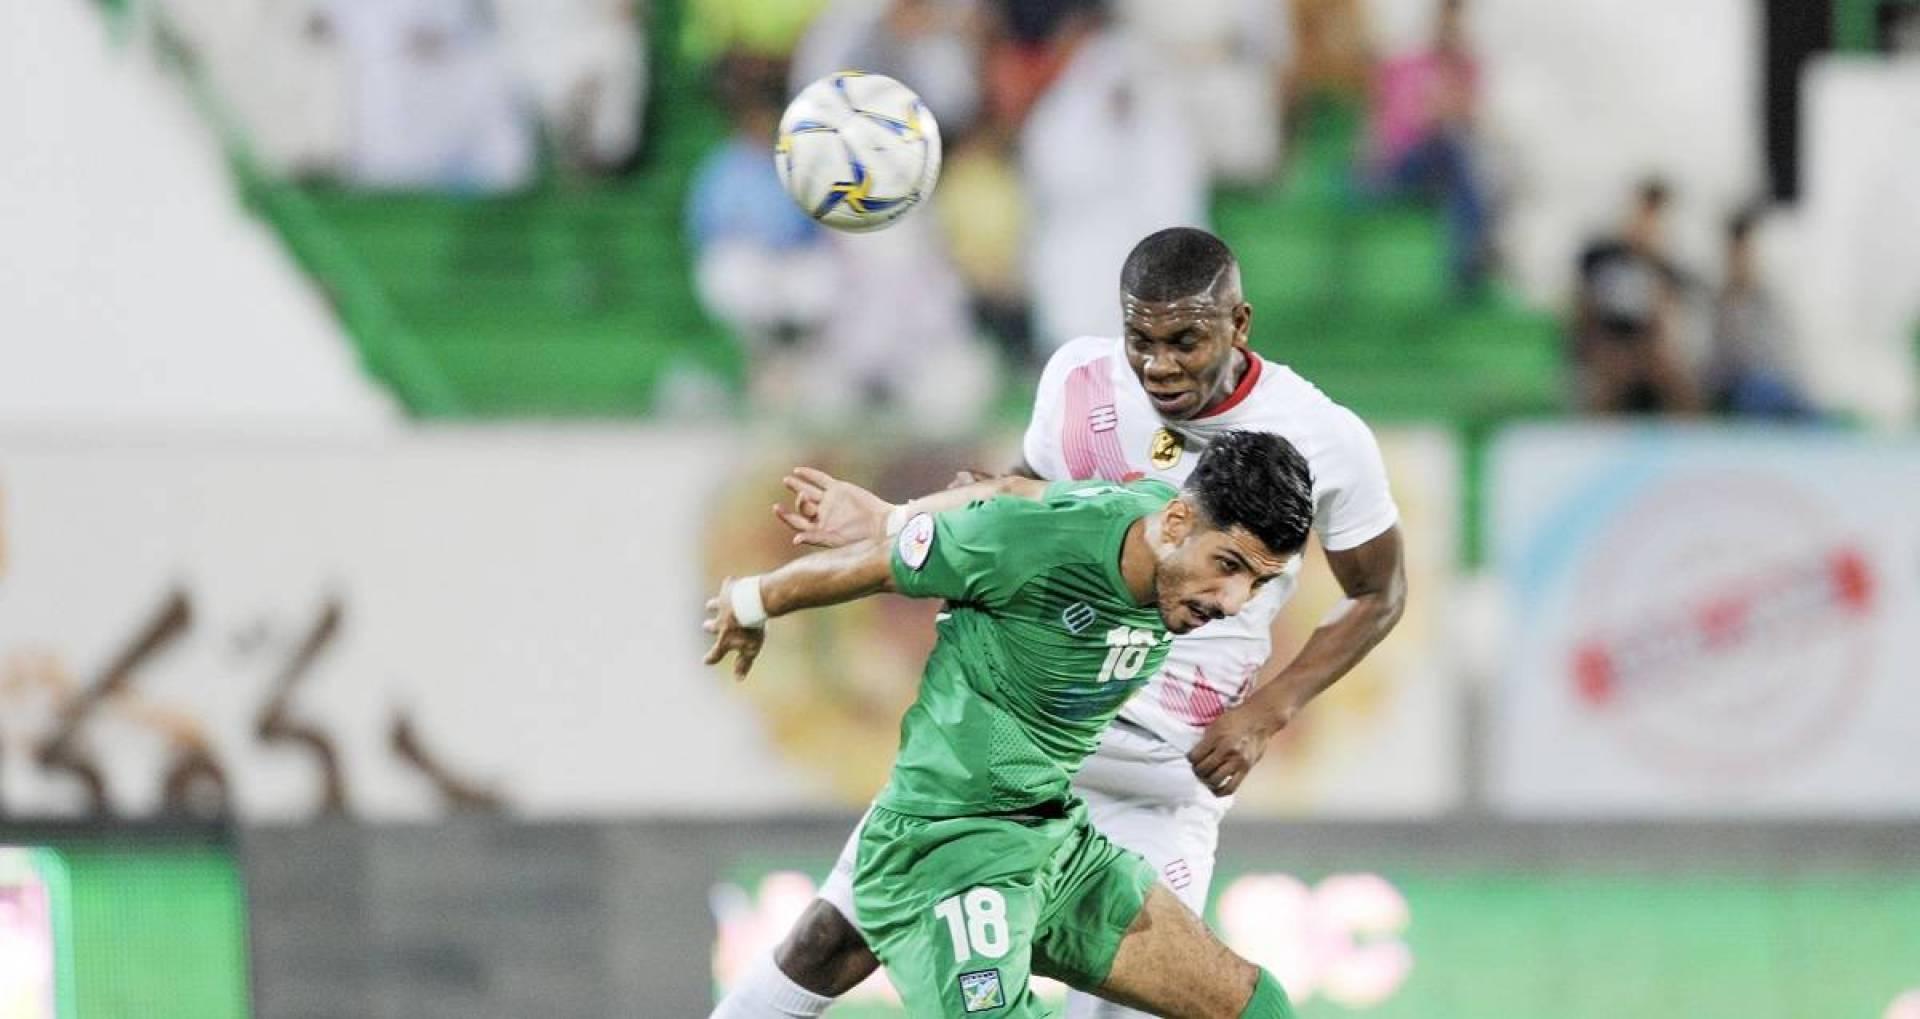 الكويت يعمق جراح العربي بثلاثية وينفرد بصدارة «دوري فيفا»